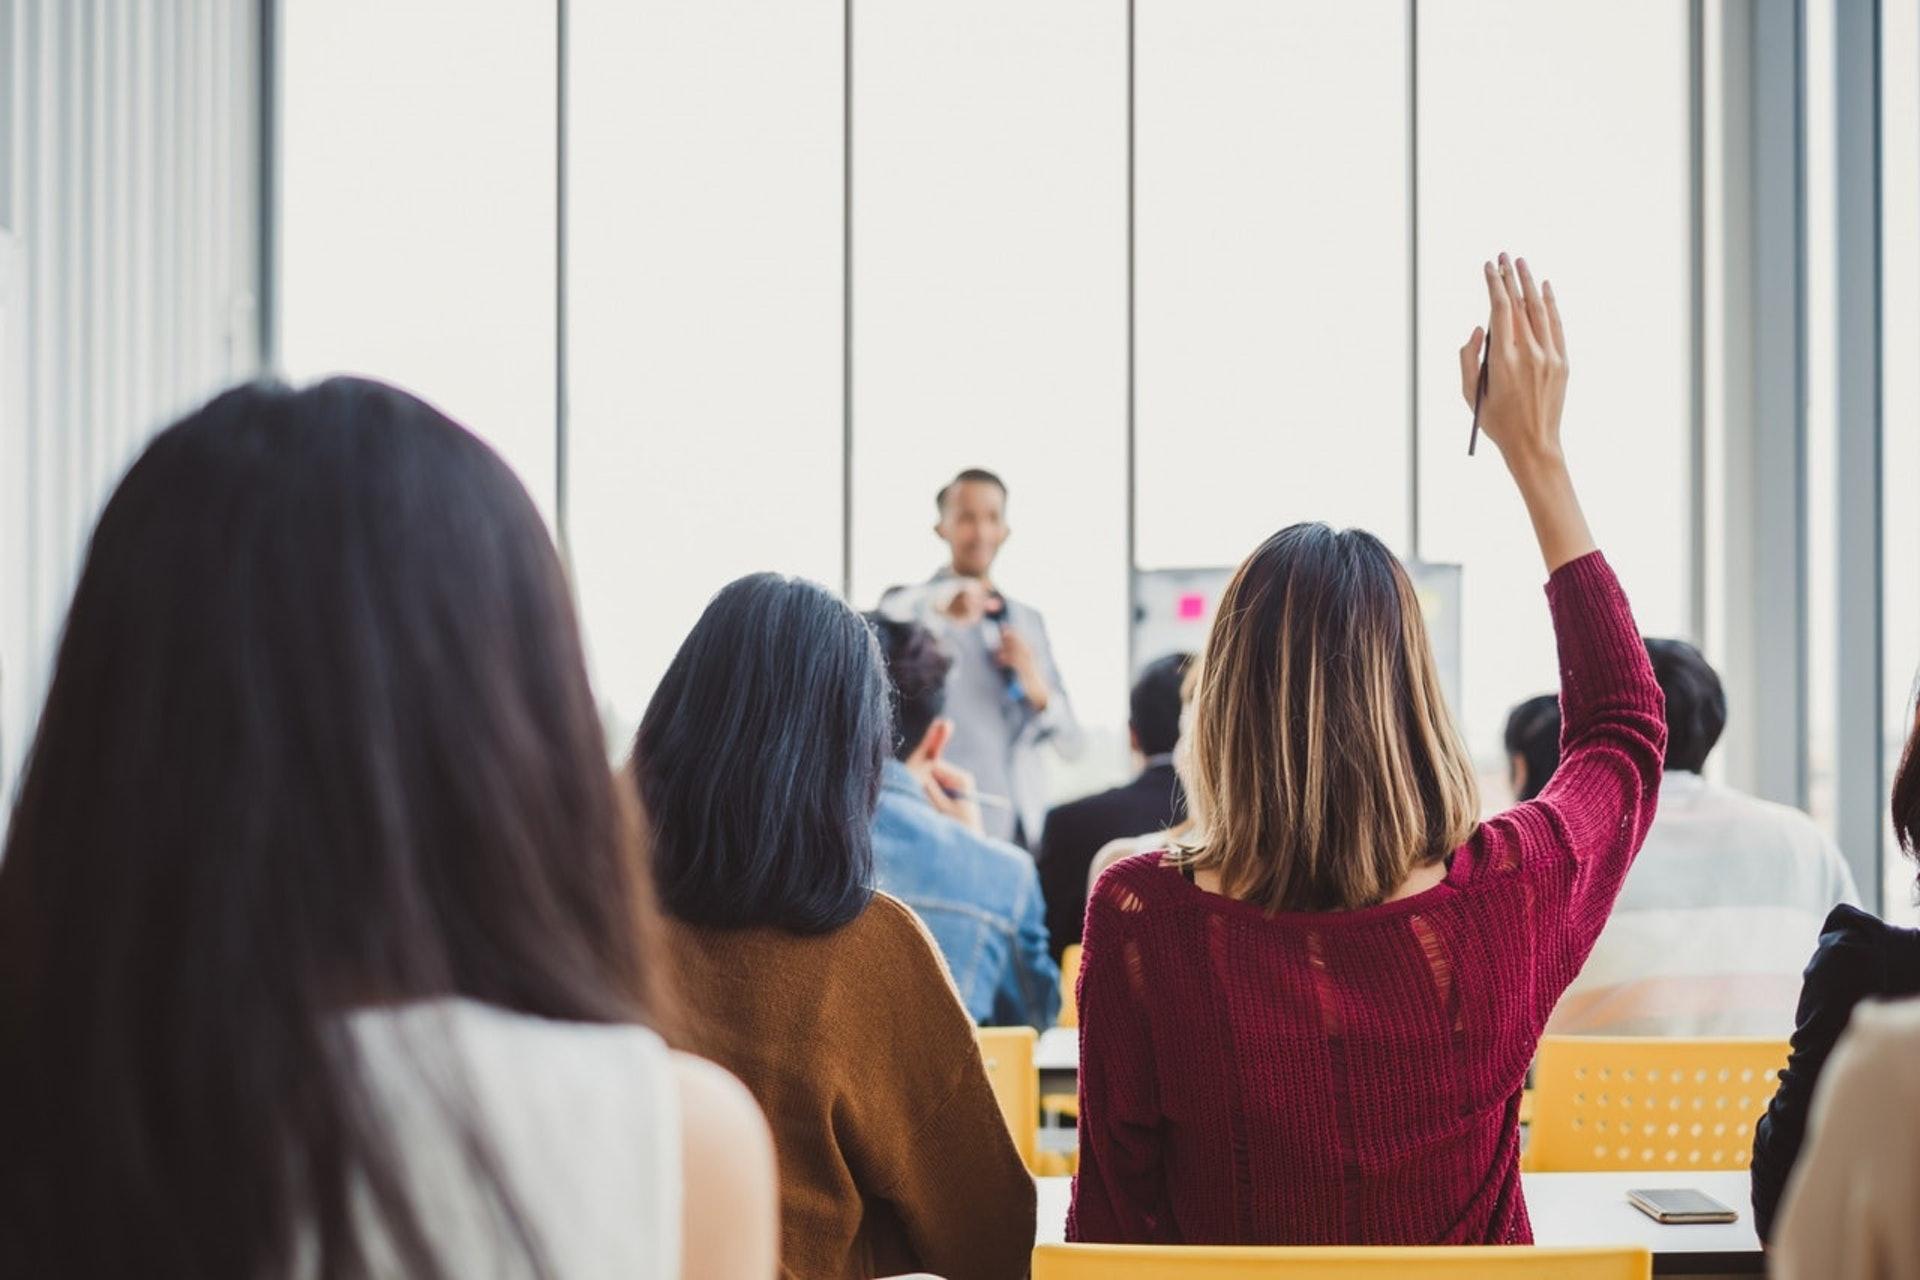 創業成功者很多都有一個共通點,就是願意「自發性的持續學習」。(Gettyimage/視覺中國)